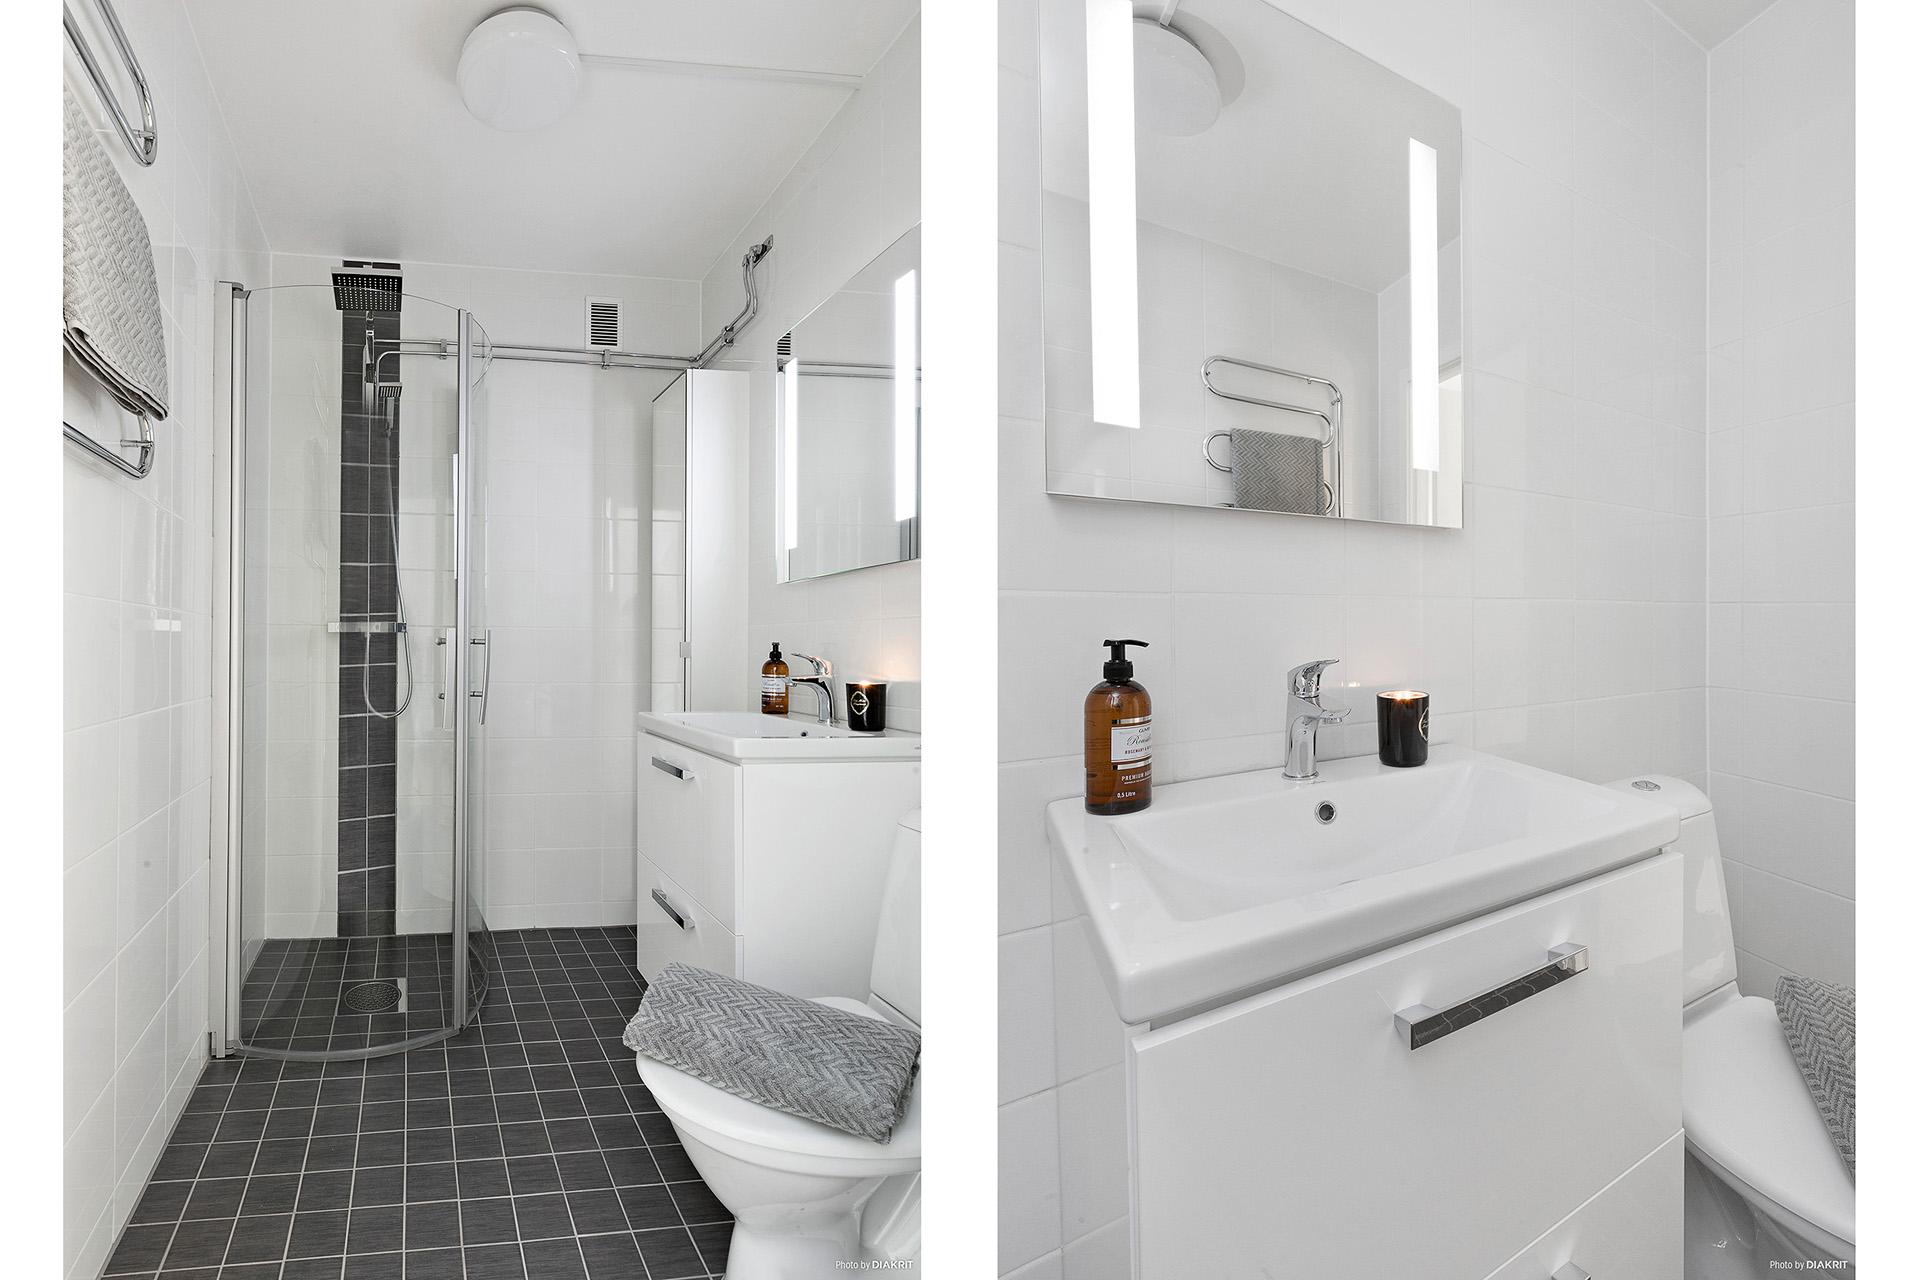 Helkaklad toalett/dusch med vikbara duschväggar och handdukstork